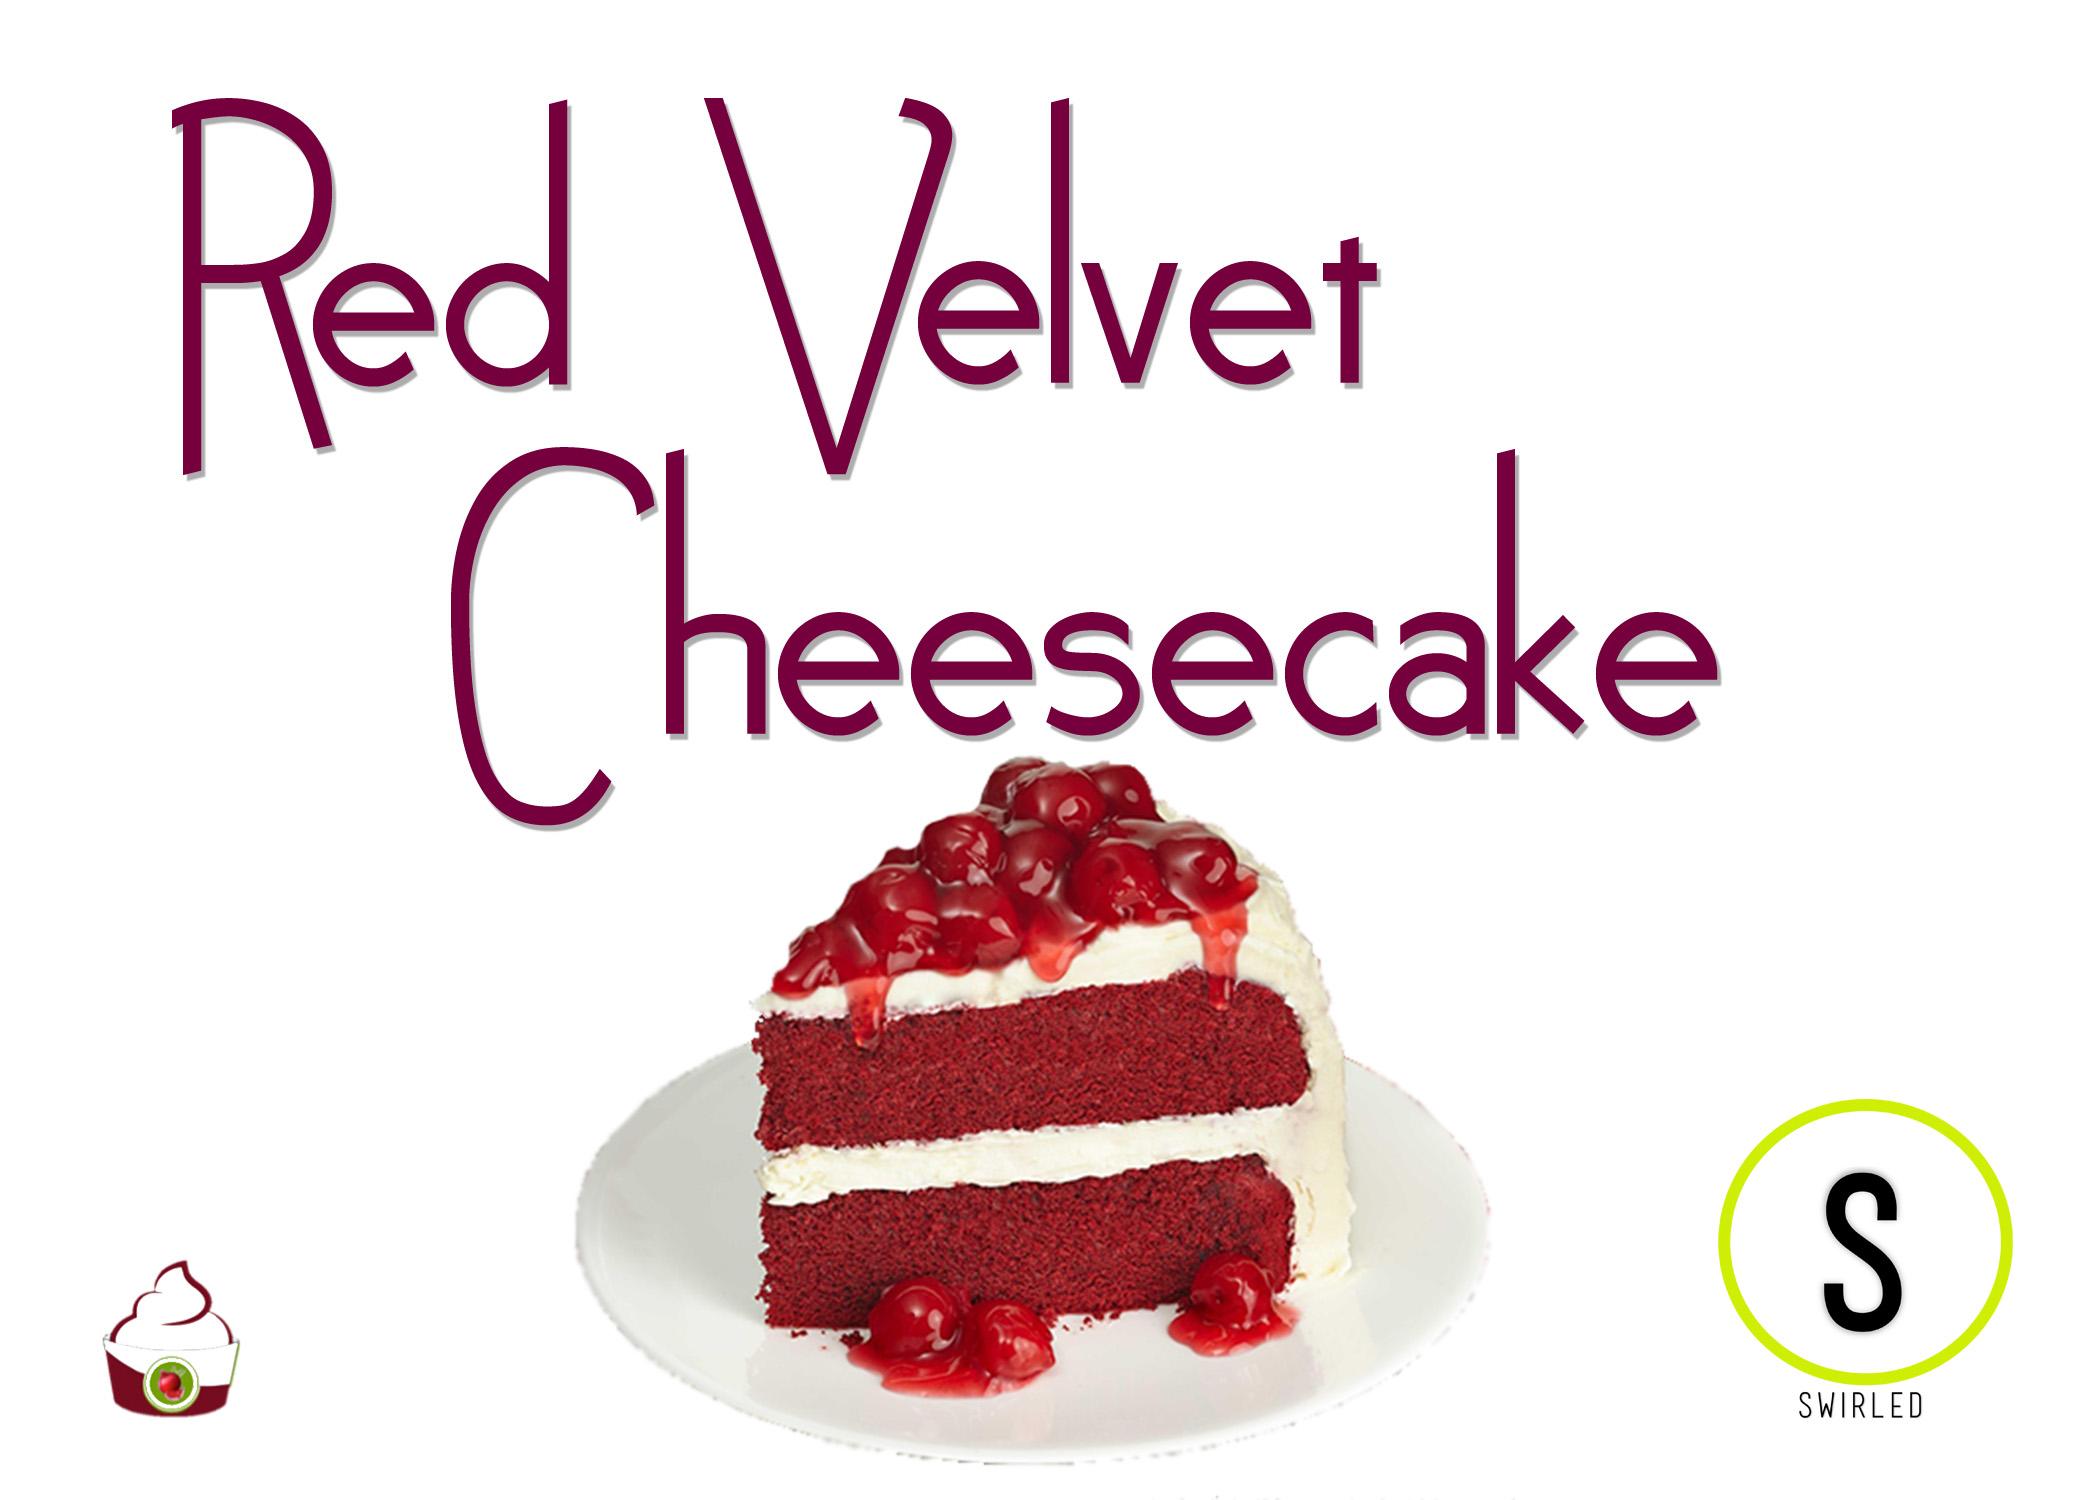 red velvet cheesecake.jpg